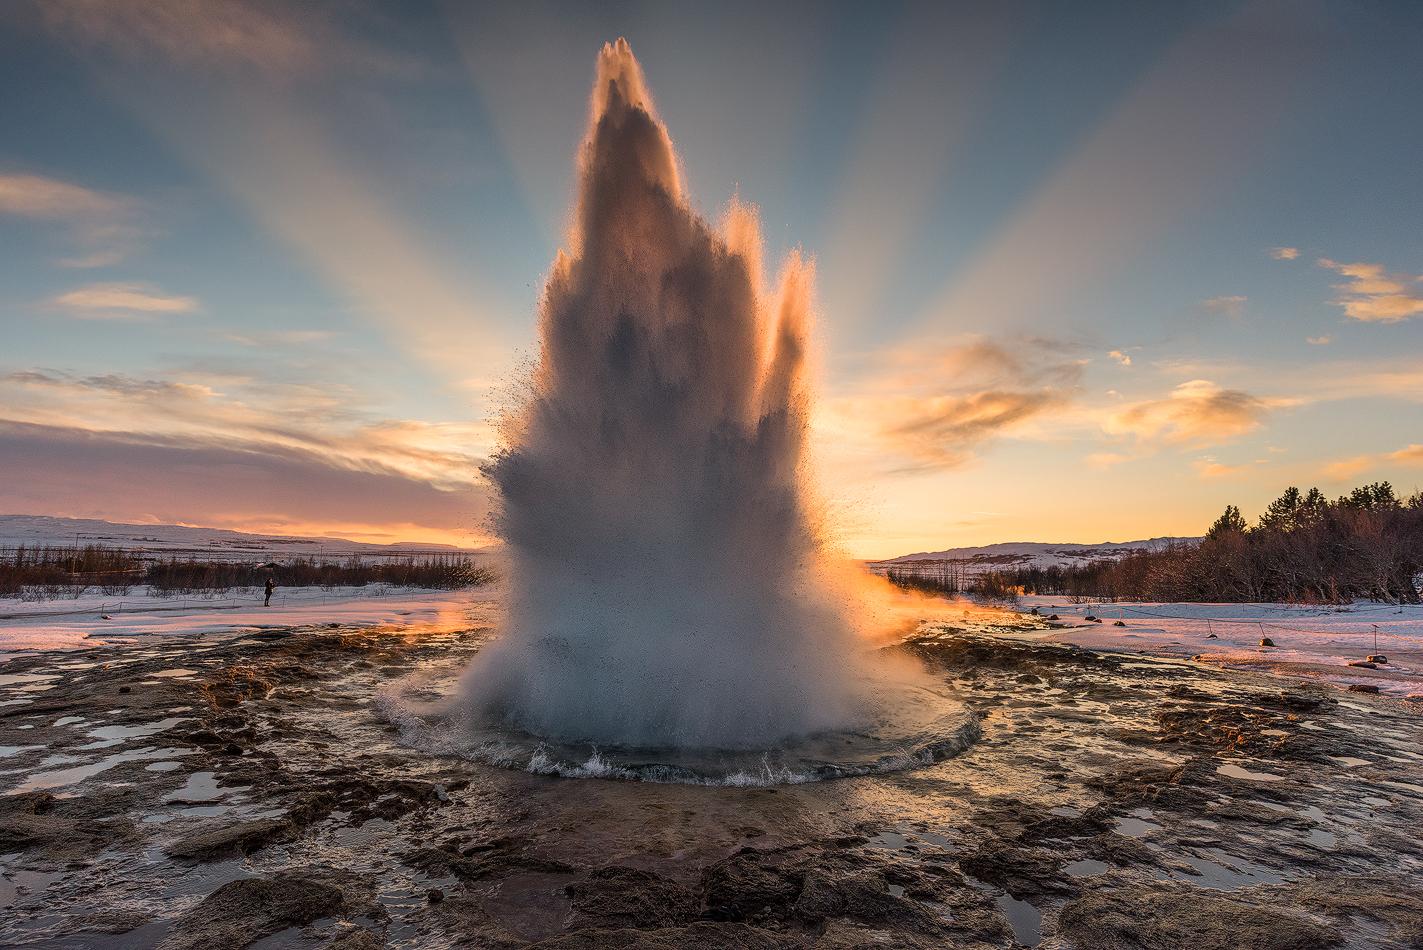 捕捉史托克间歇泉(Strokkur)在盖歇尔间歇泉(Geysir)地热区爆发的瞬间